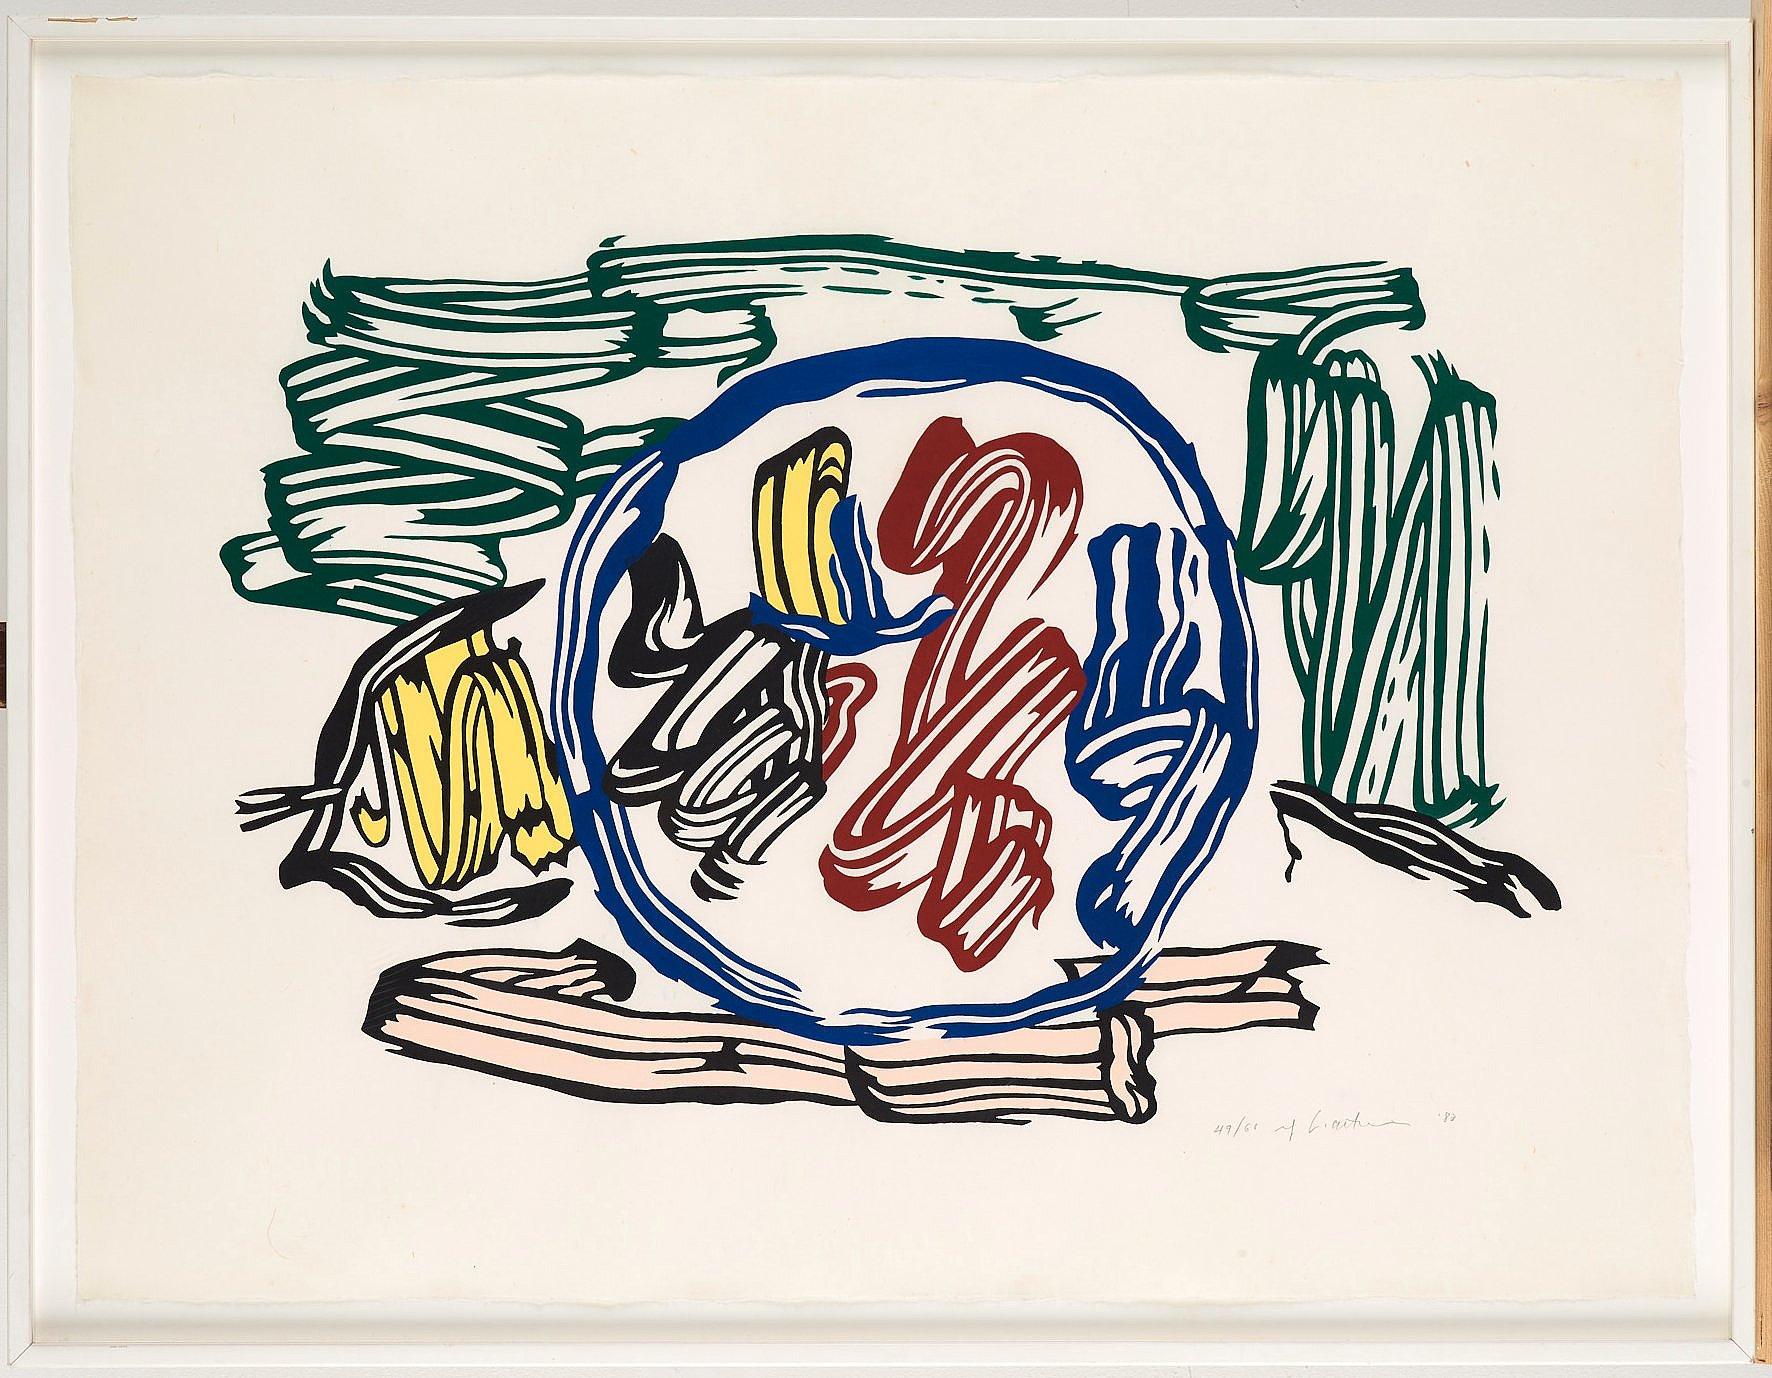 Apple and Lemon 1983 by Roy Lichtenstein